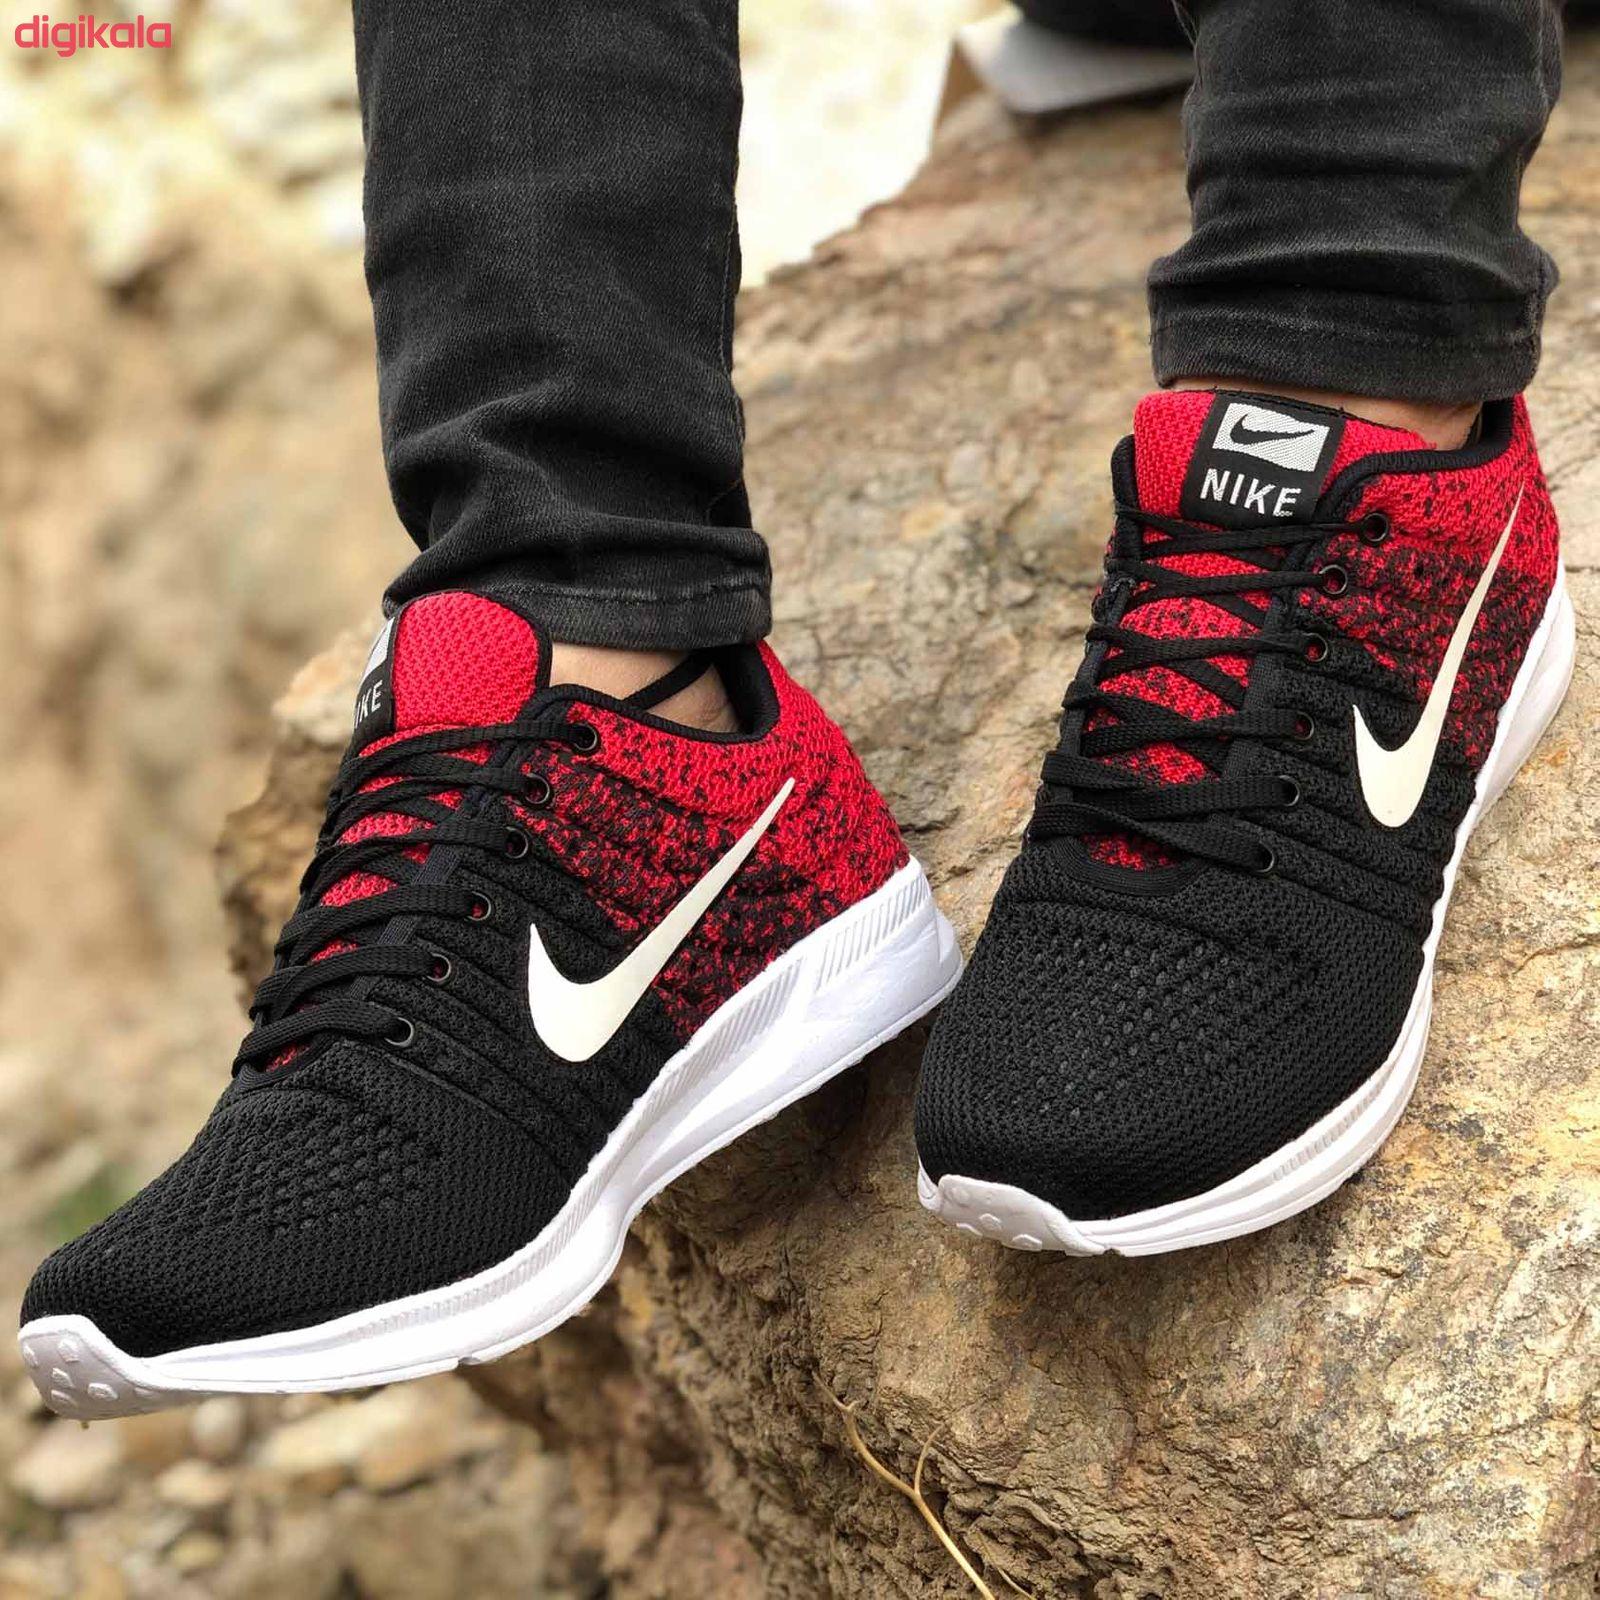 کفش مخصوص پیاده روی مردانه کد nm 123 main 1 2